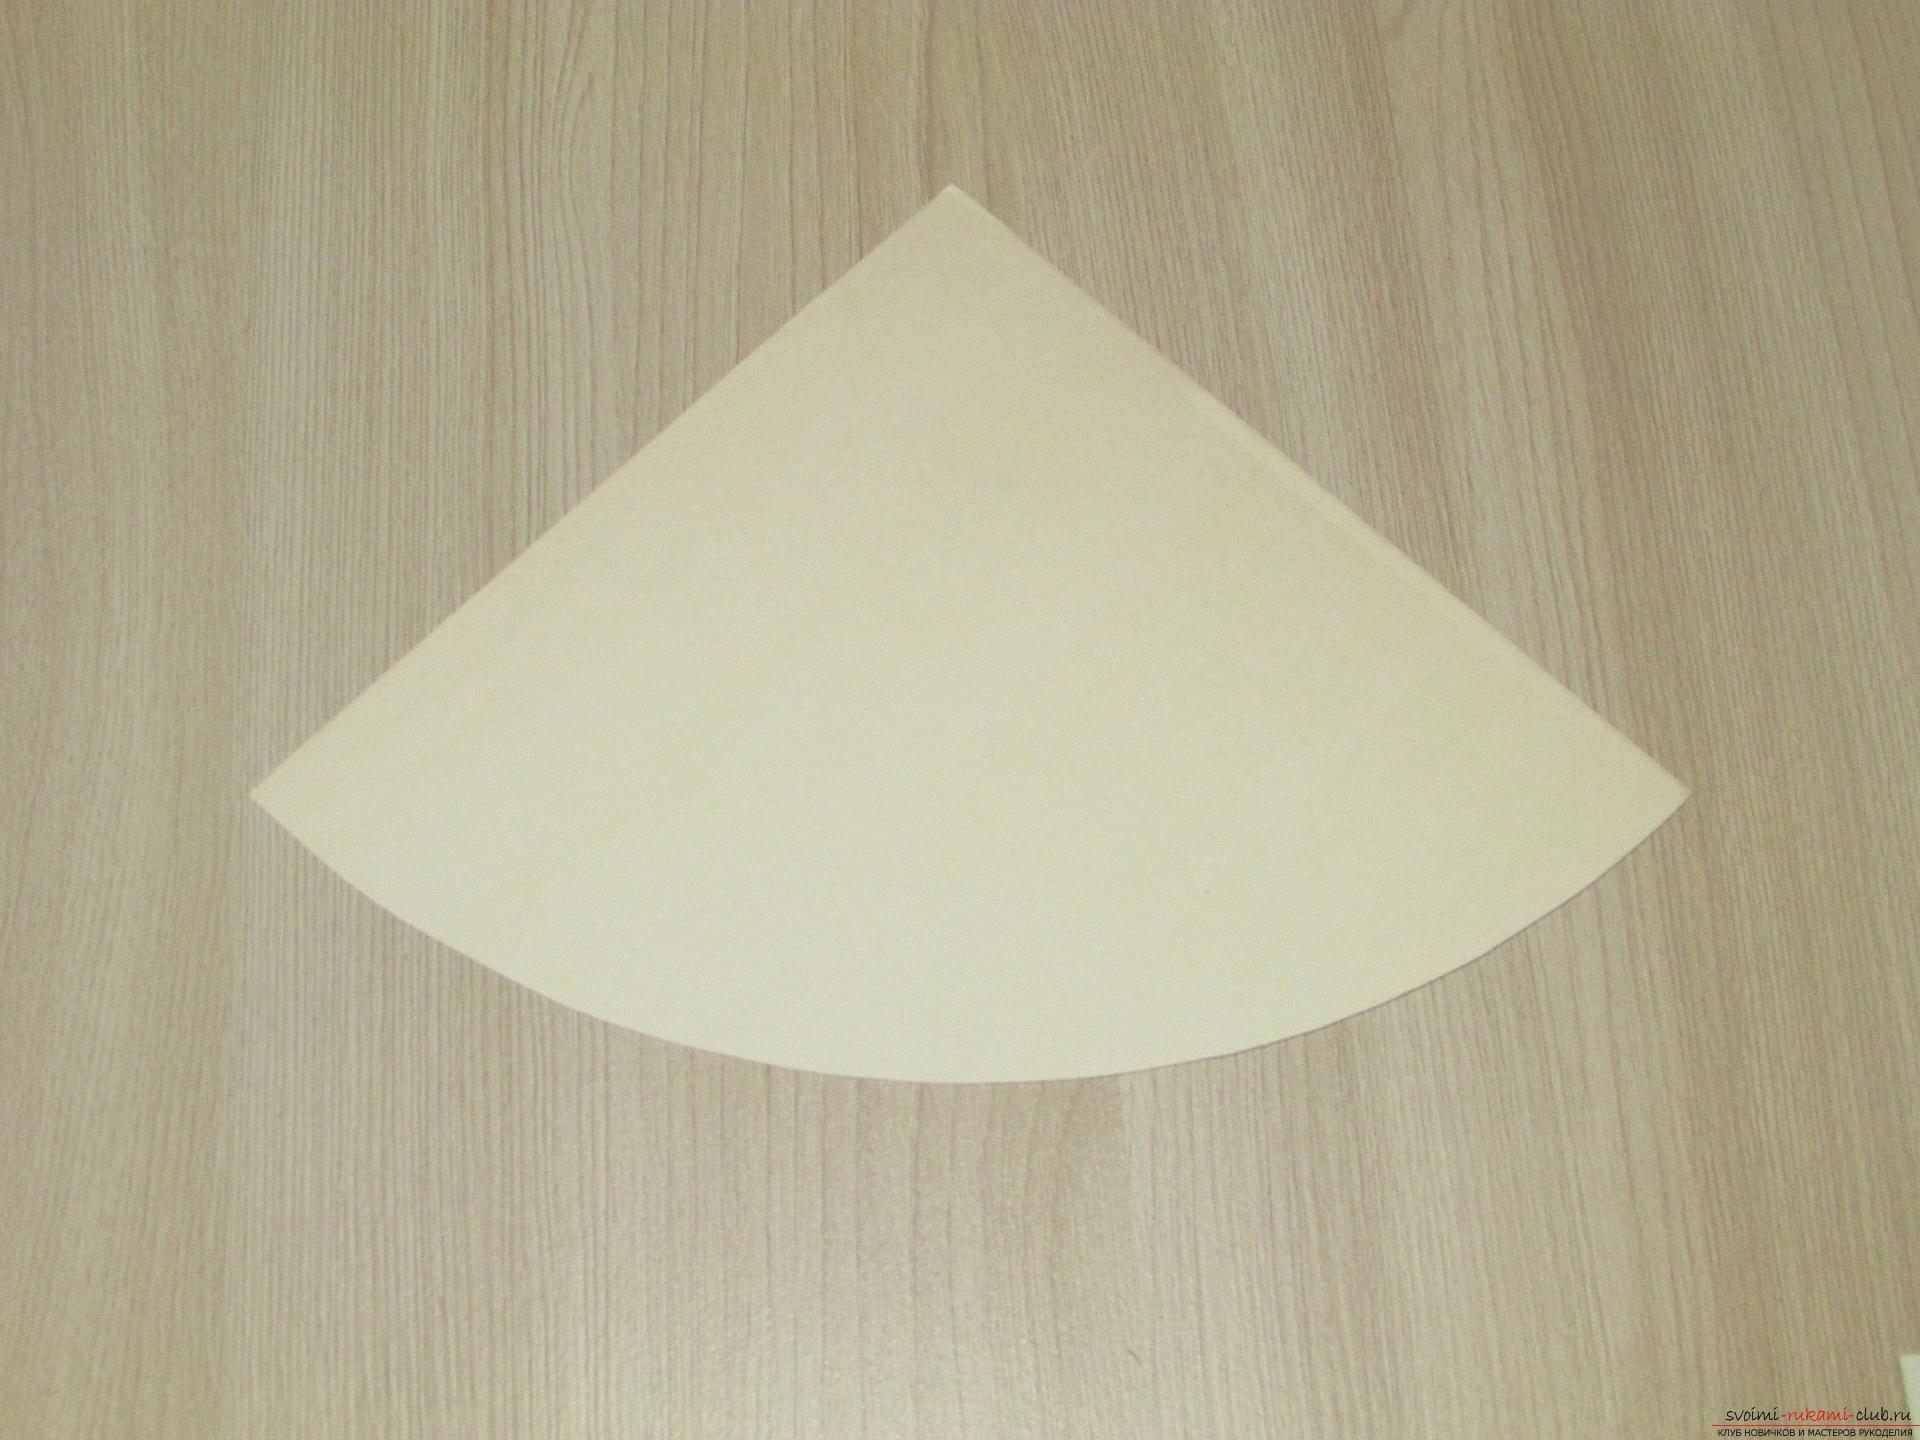 Этот мастер-класс - пошаговая инструкция с подробными фото как сделать елочку из перьев. Фото №3